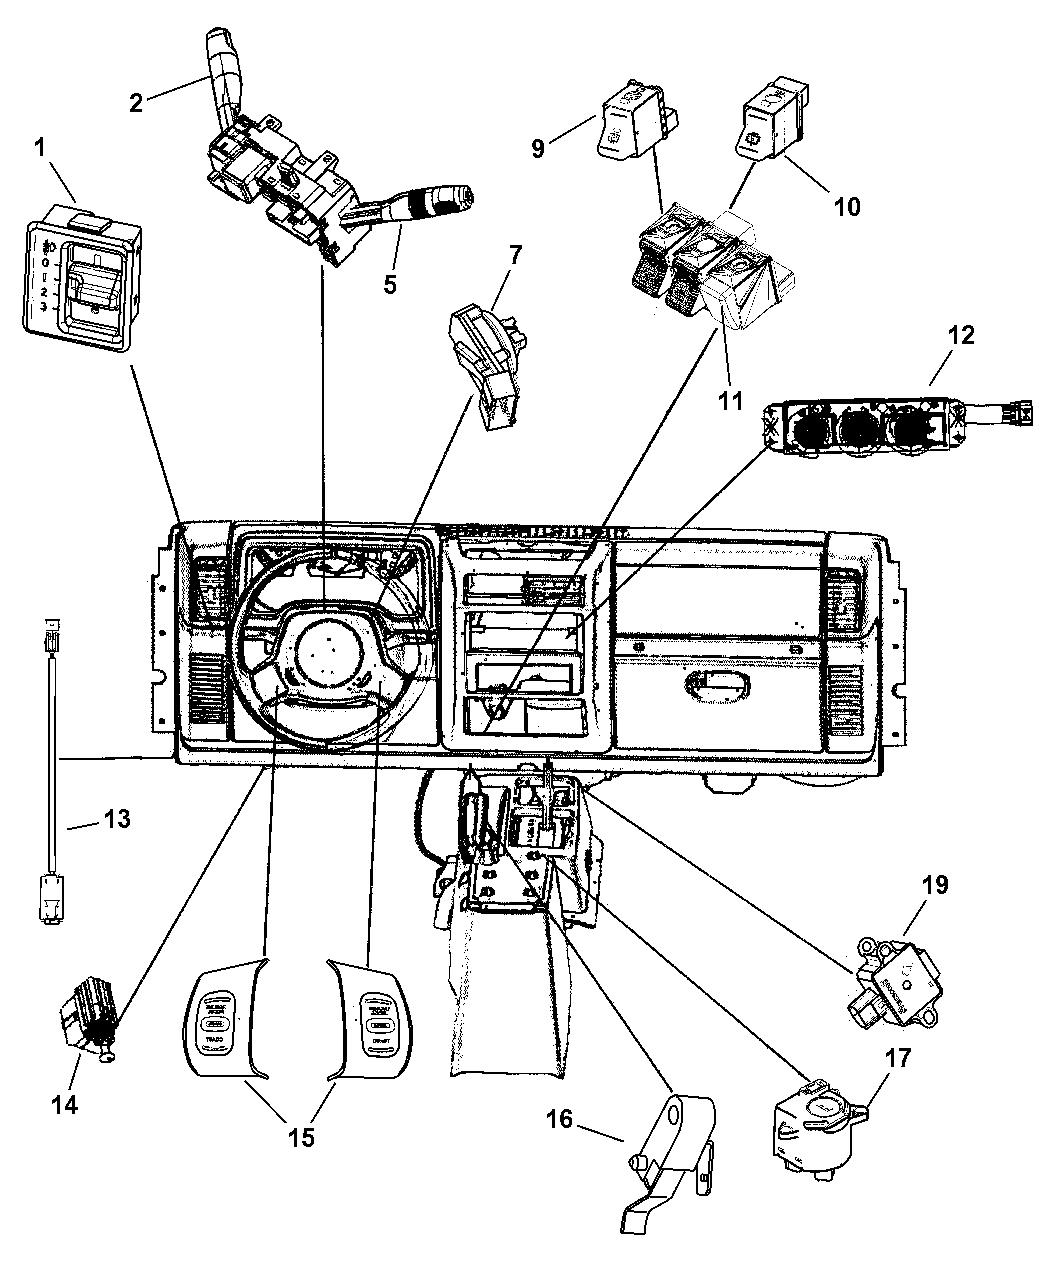 2003 Jeep Wrangler Switches